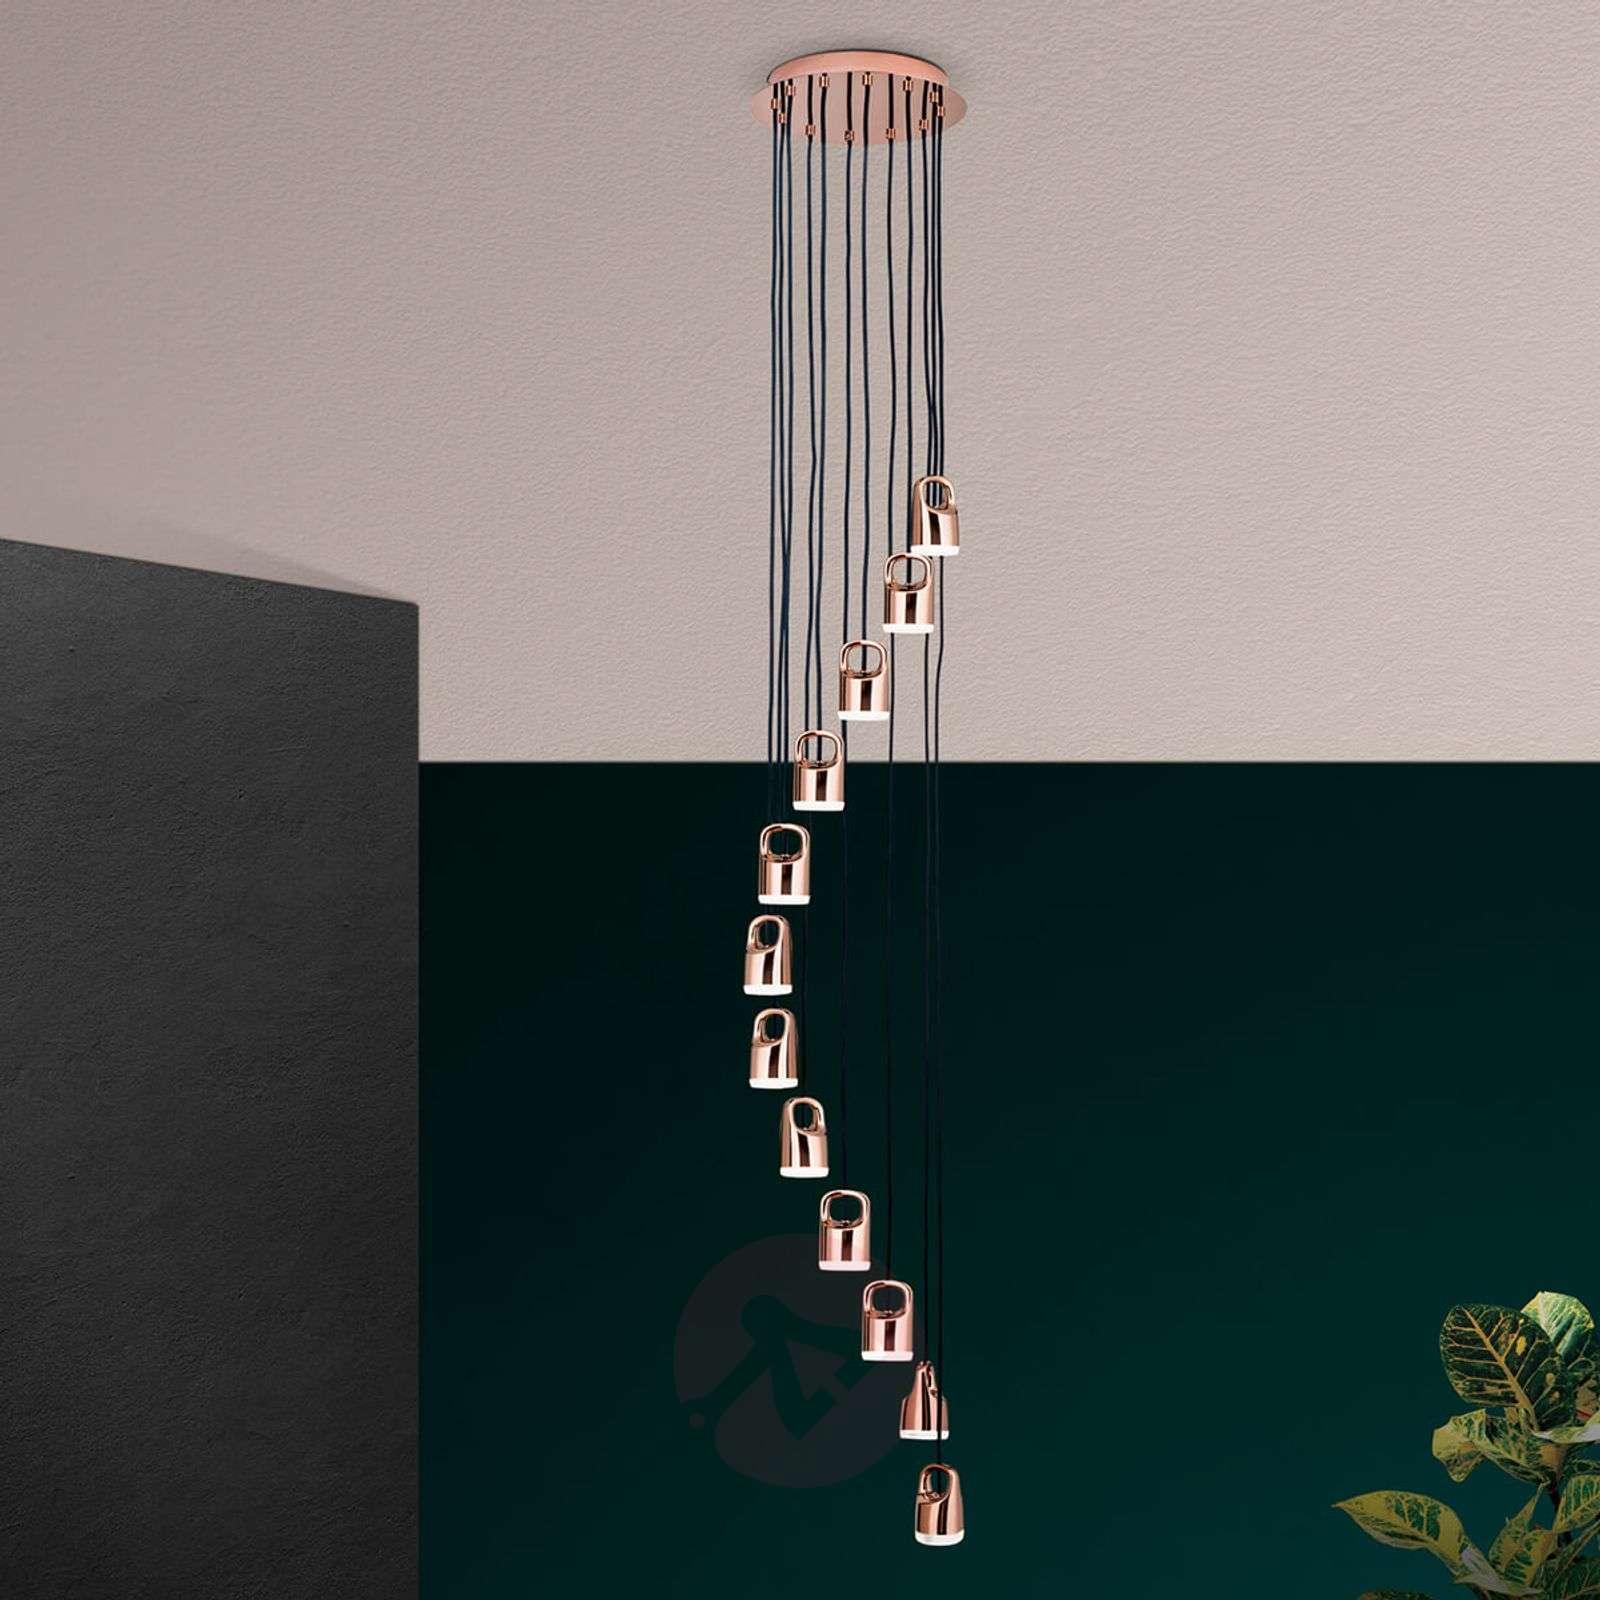 Spiraalimainen LED-riippuvalaisin Tinus-7255310-01